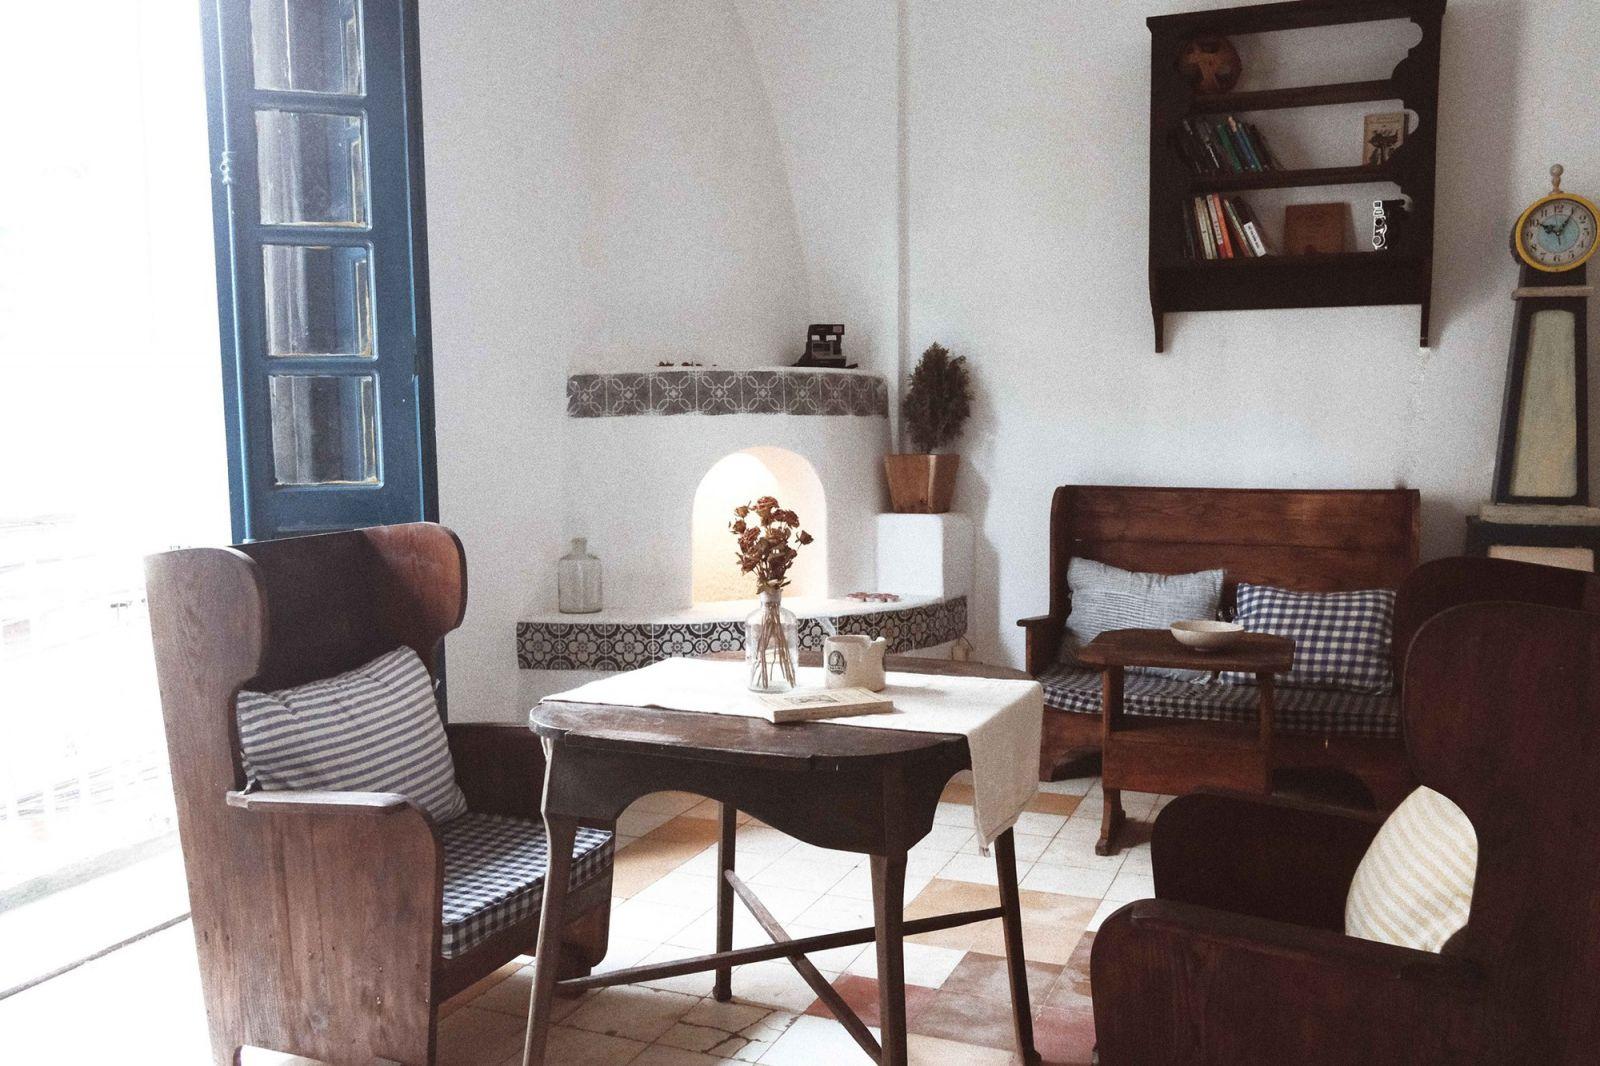 mẫu bàn ghế gỗ vintage nổi bật trong nội thất homestay